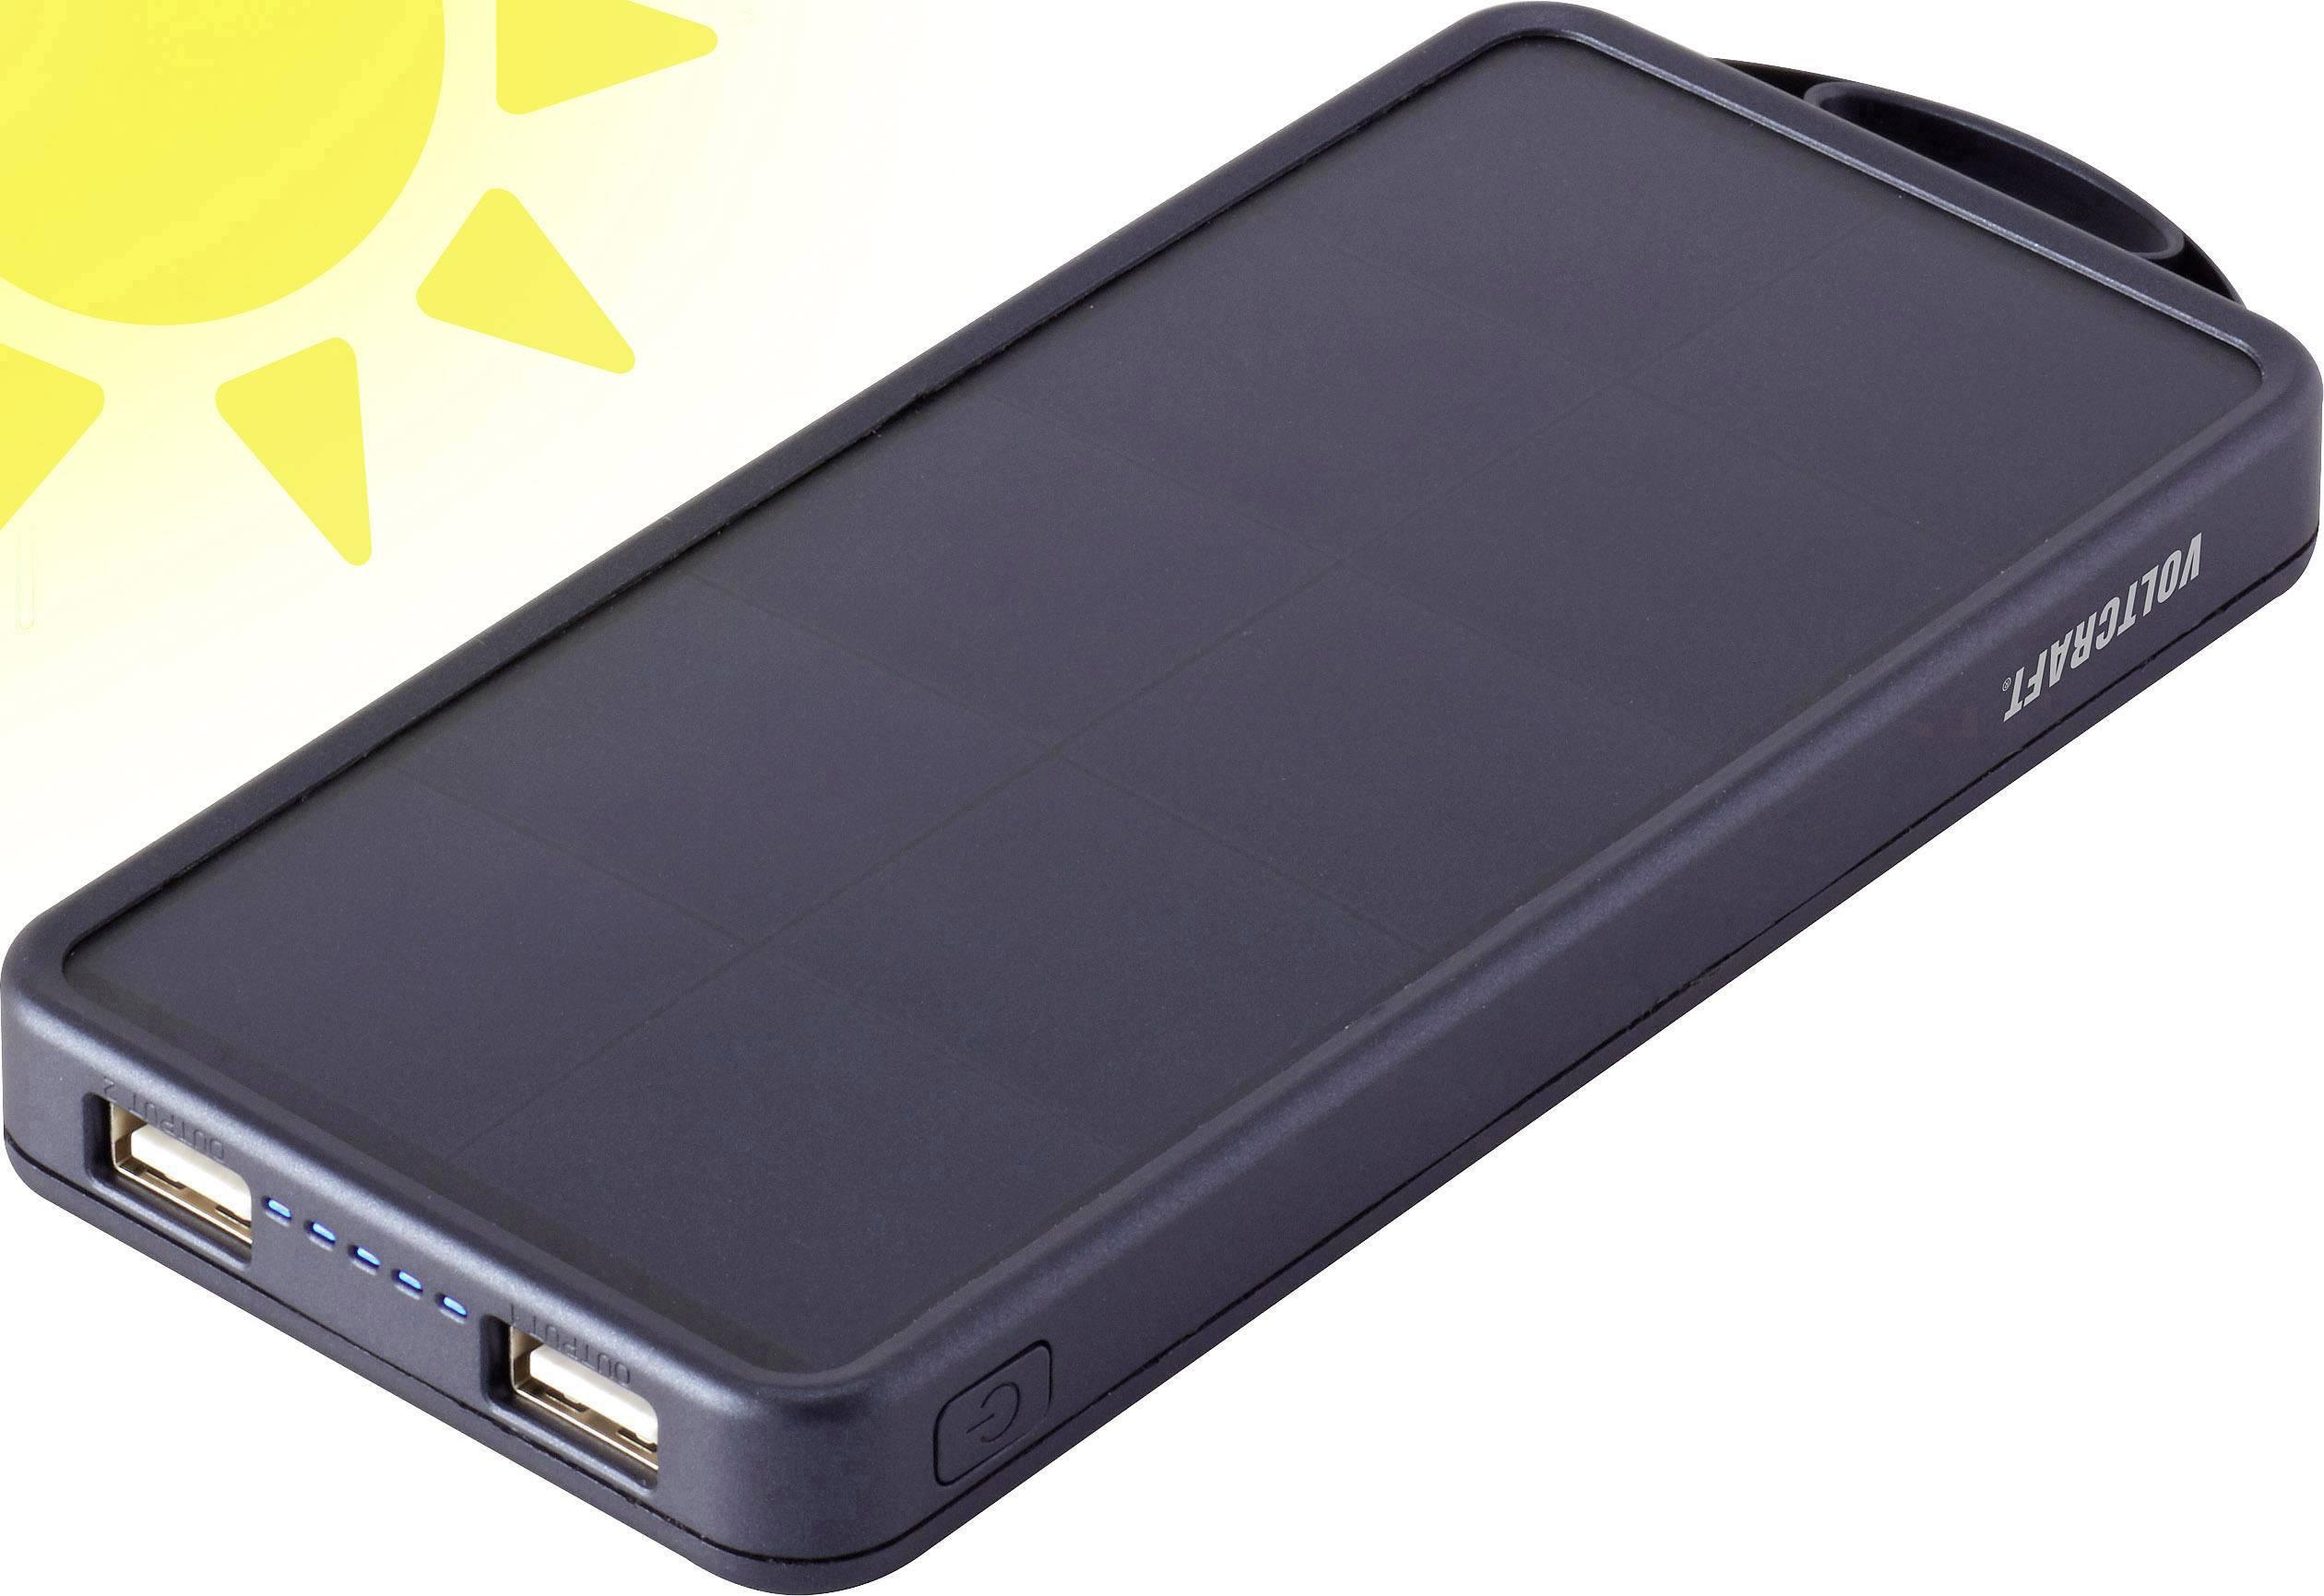 Solárny powerbank VOLTCRAFT SL-11 SE, LiPo 8000 mAh, čierna, výročná edícia